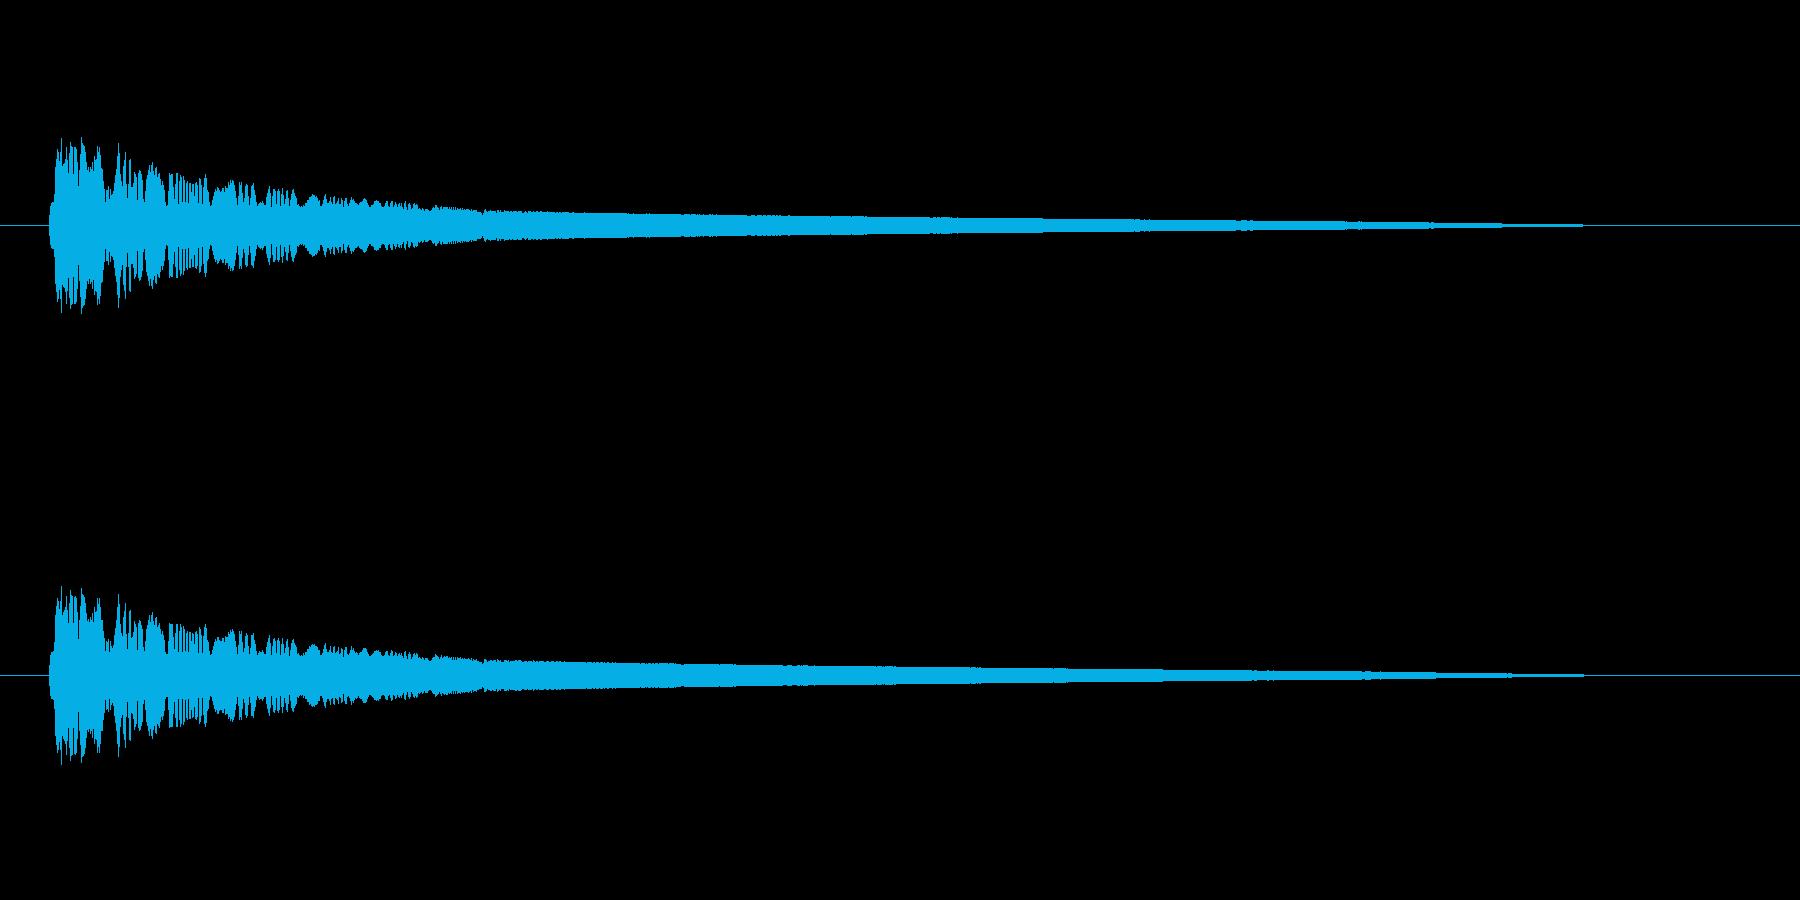 【ネガティブ07-3】の再生済みの波形